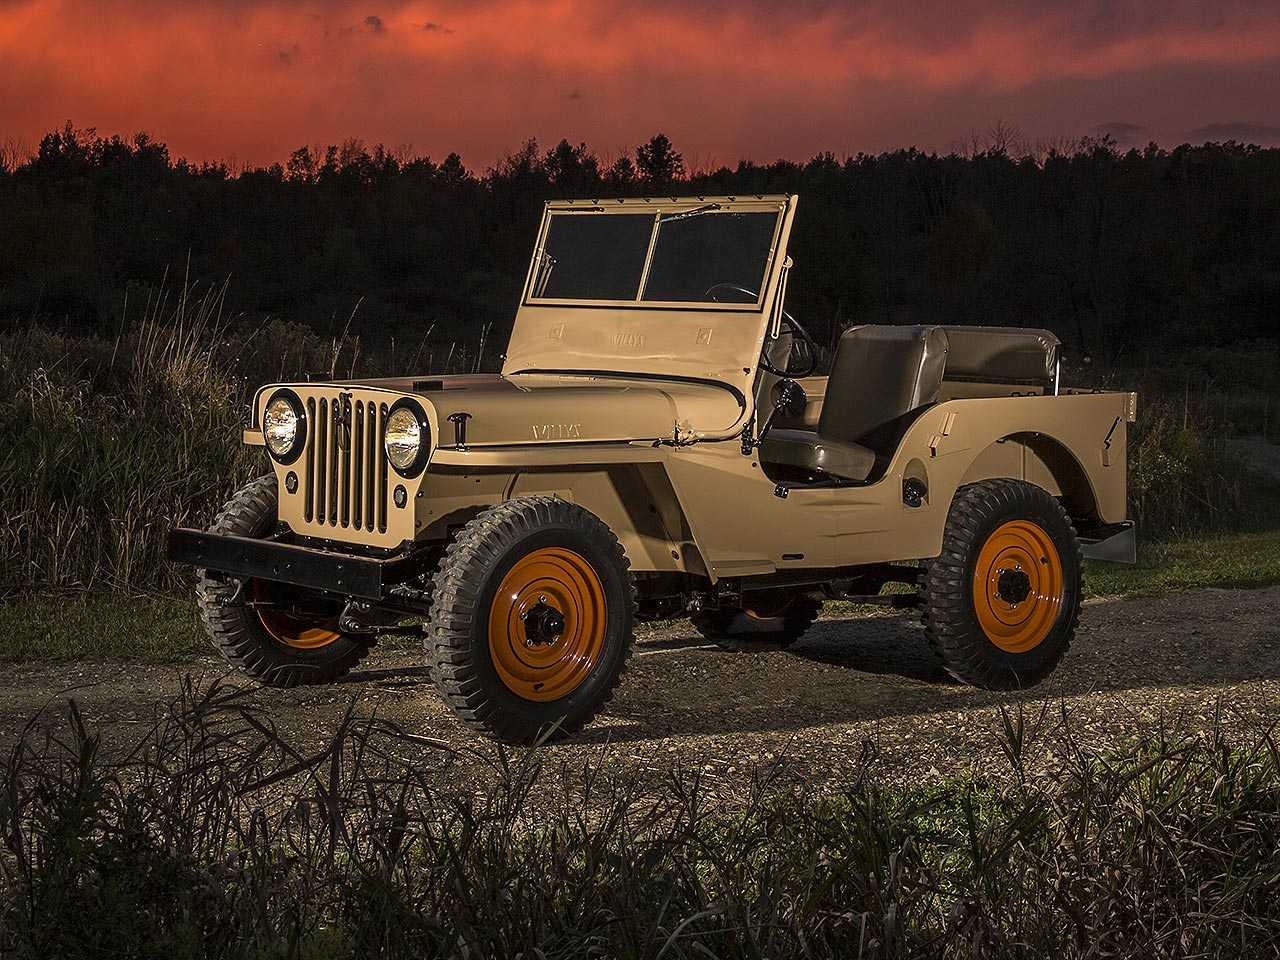 Desenvolvido na década de 1940, Jeep passou de veículo militar a um clássico off-road